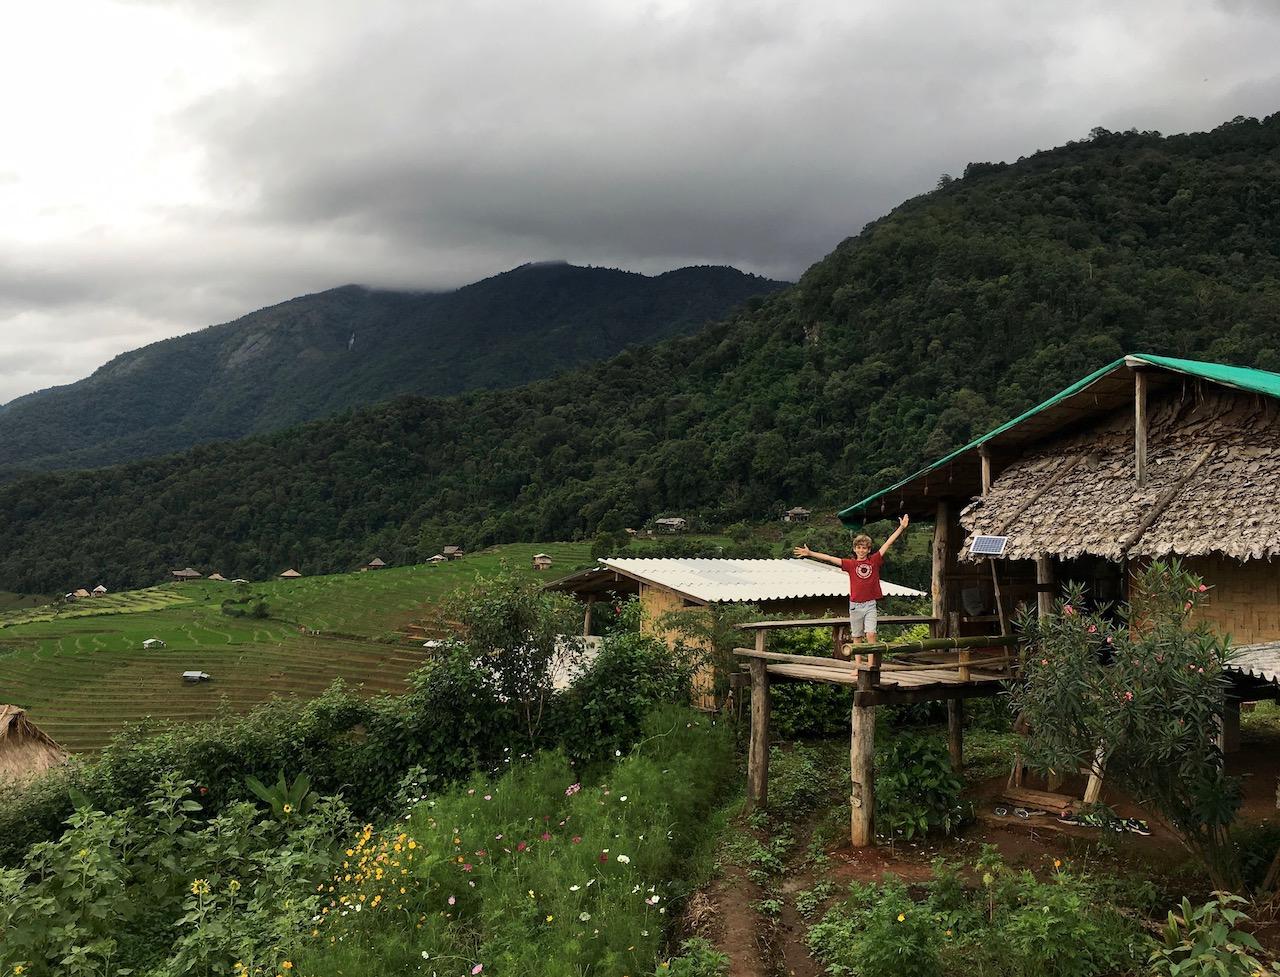 Une nuit dans les rizières de Ban Pa Pong Pieng dans la province de Chiang Mai